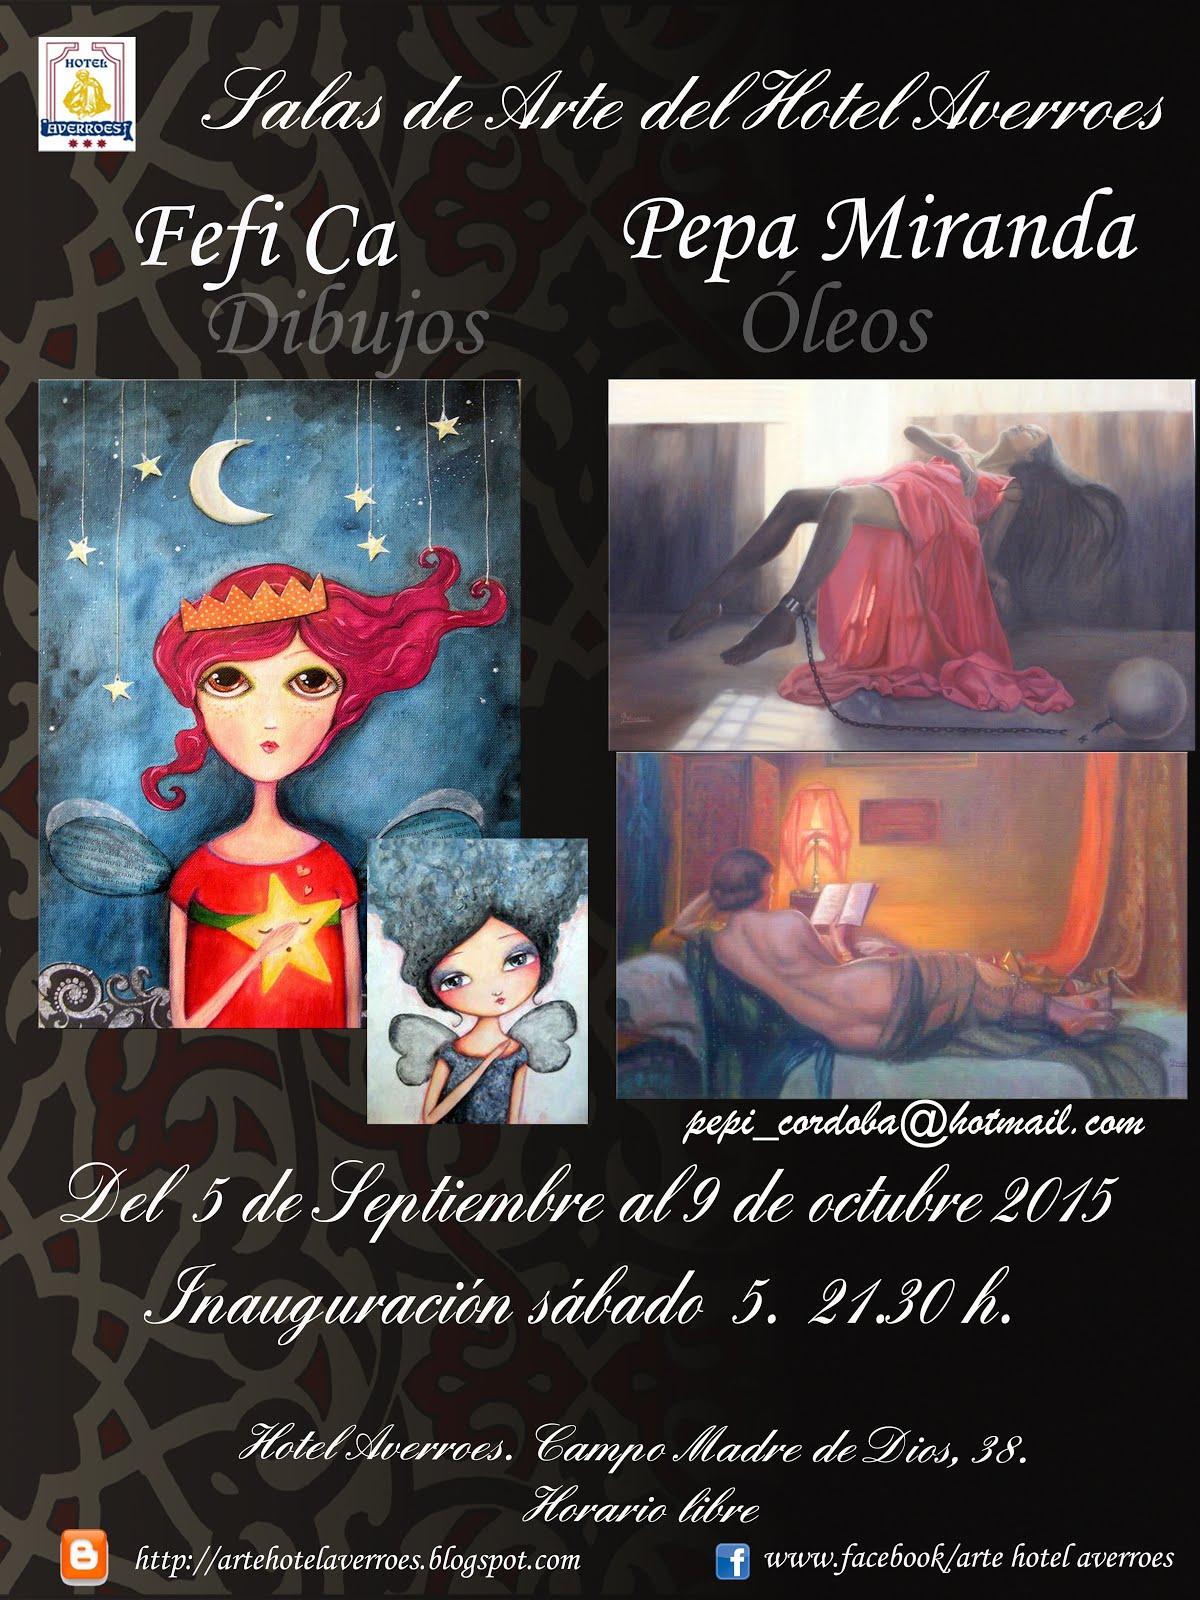 Septiembre: Dibujos de Fefi Ca y pinturas de Pepa Miranda